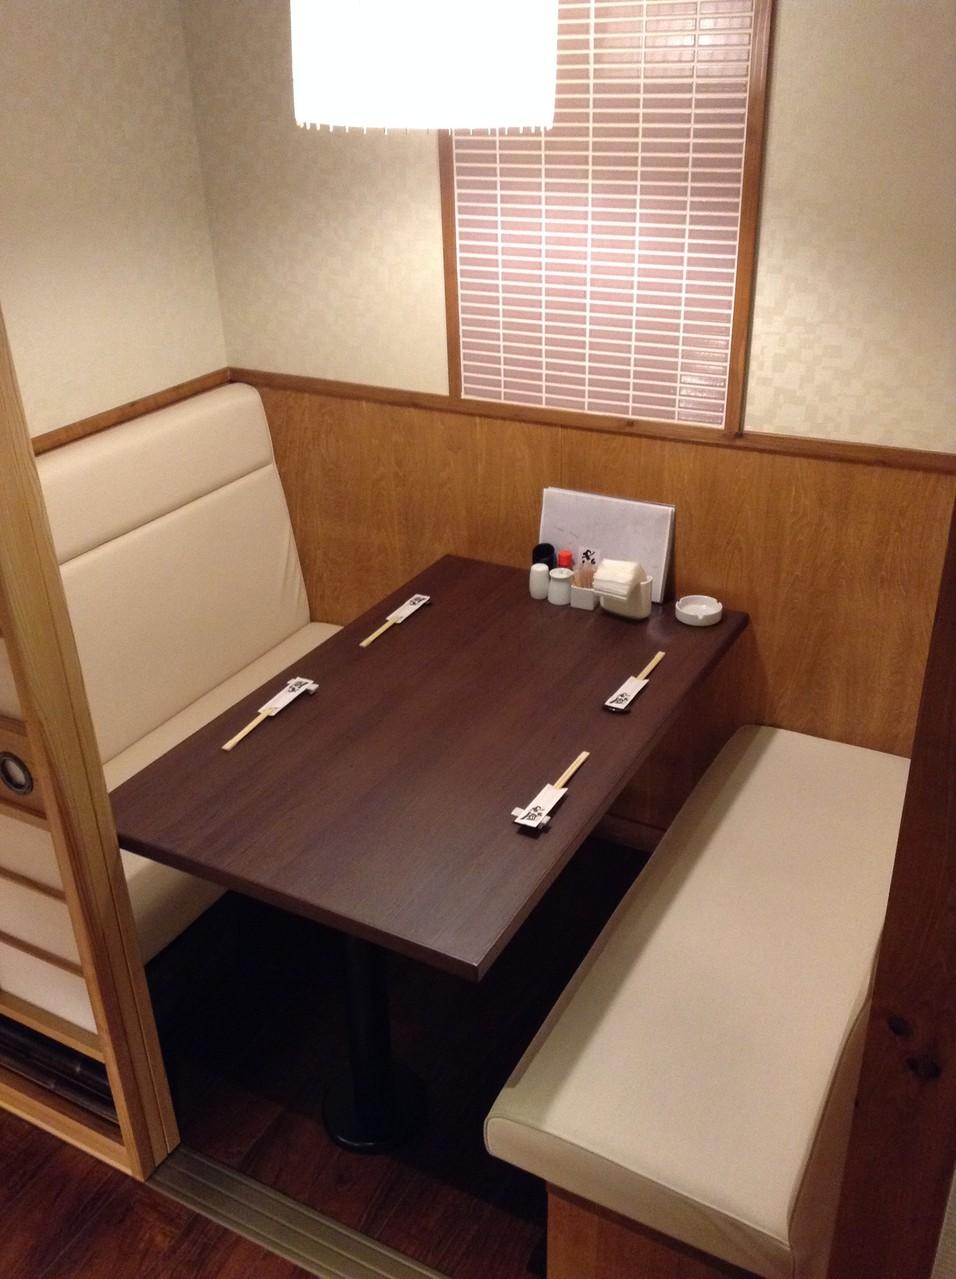 ■ ゆっくり語り合いたい時に-テーブル4人席